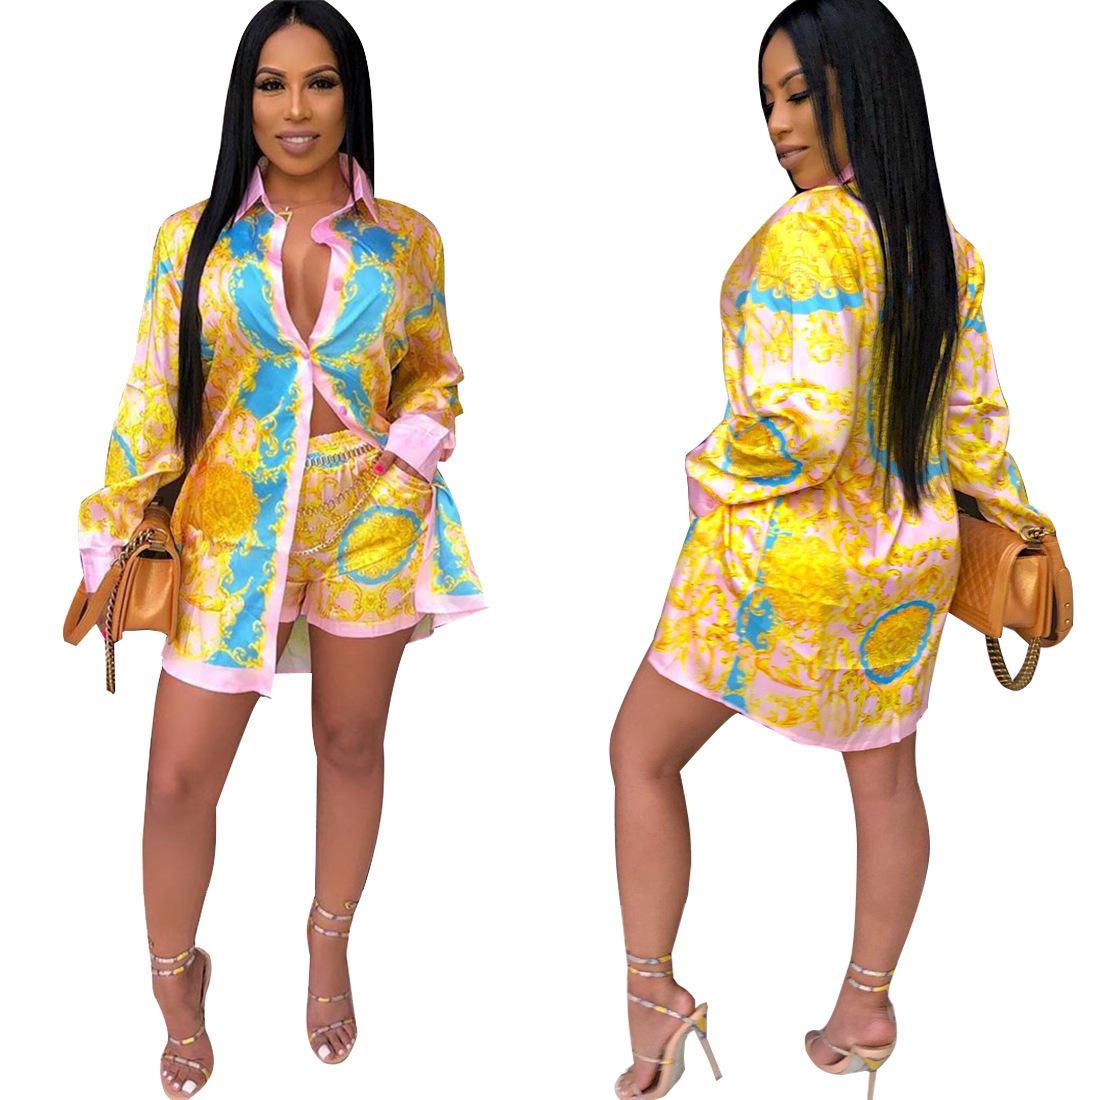 Heißer Verkaufs-Printed-Hemd 2-teiliges Set Frauen-volle Hülsen-lange Art-Bluse Top und Tasche kurze Hosen Fashion Outfits